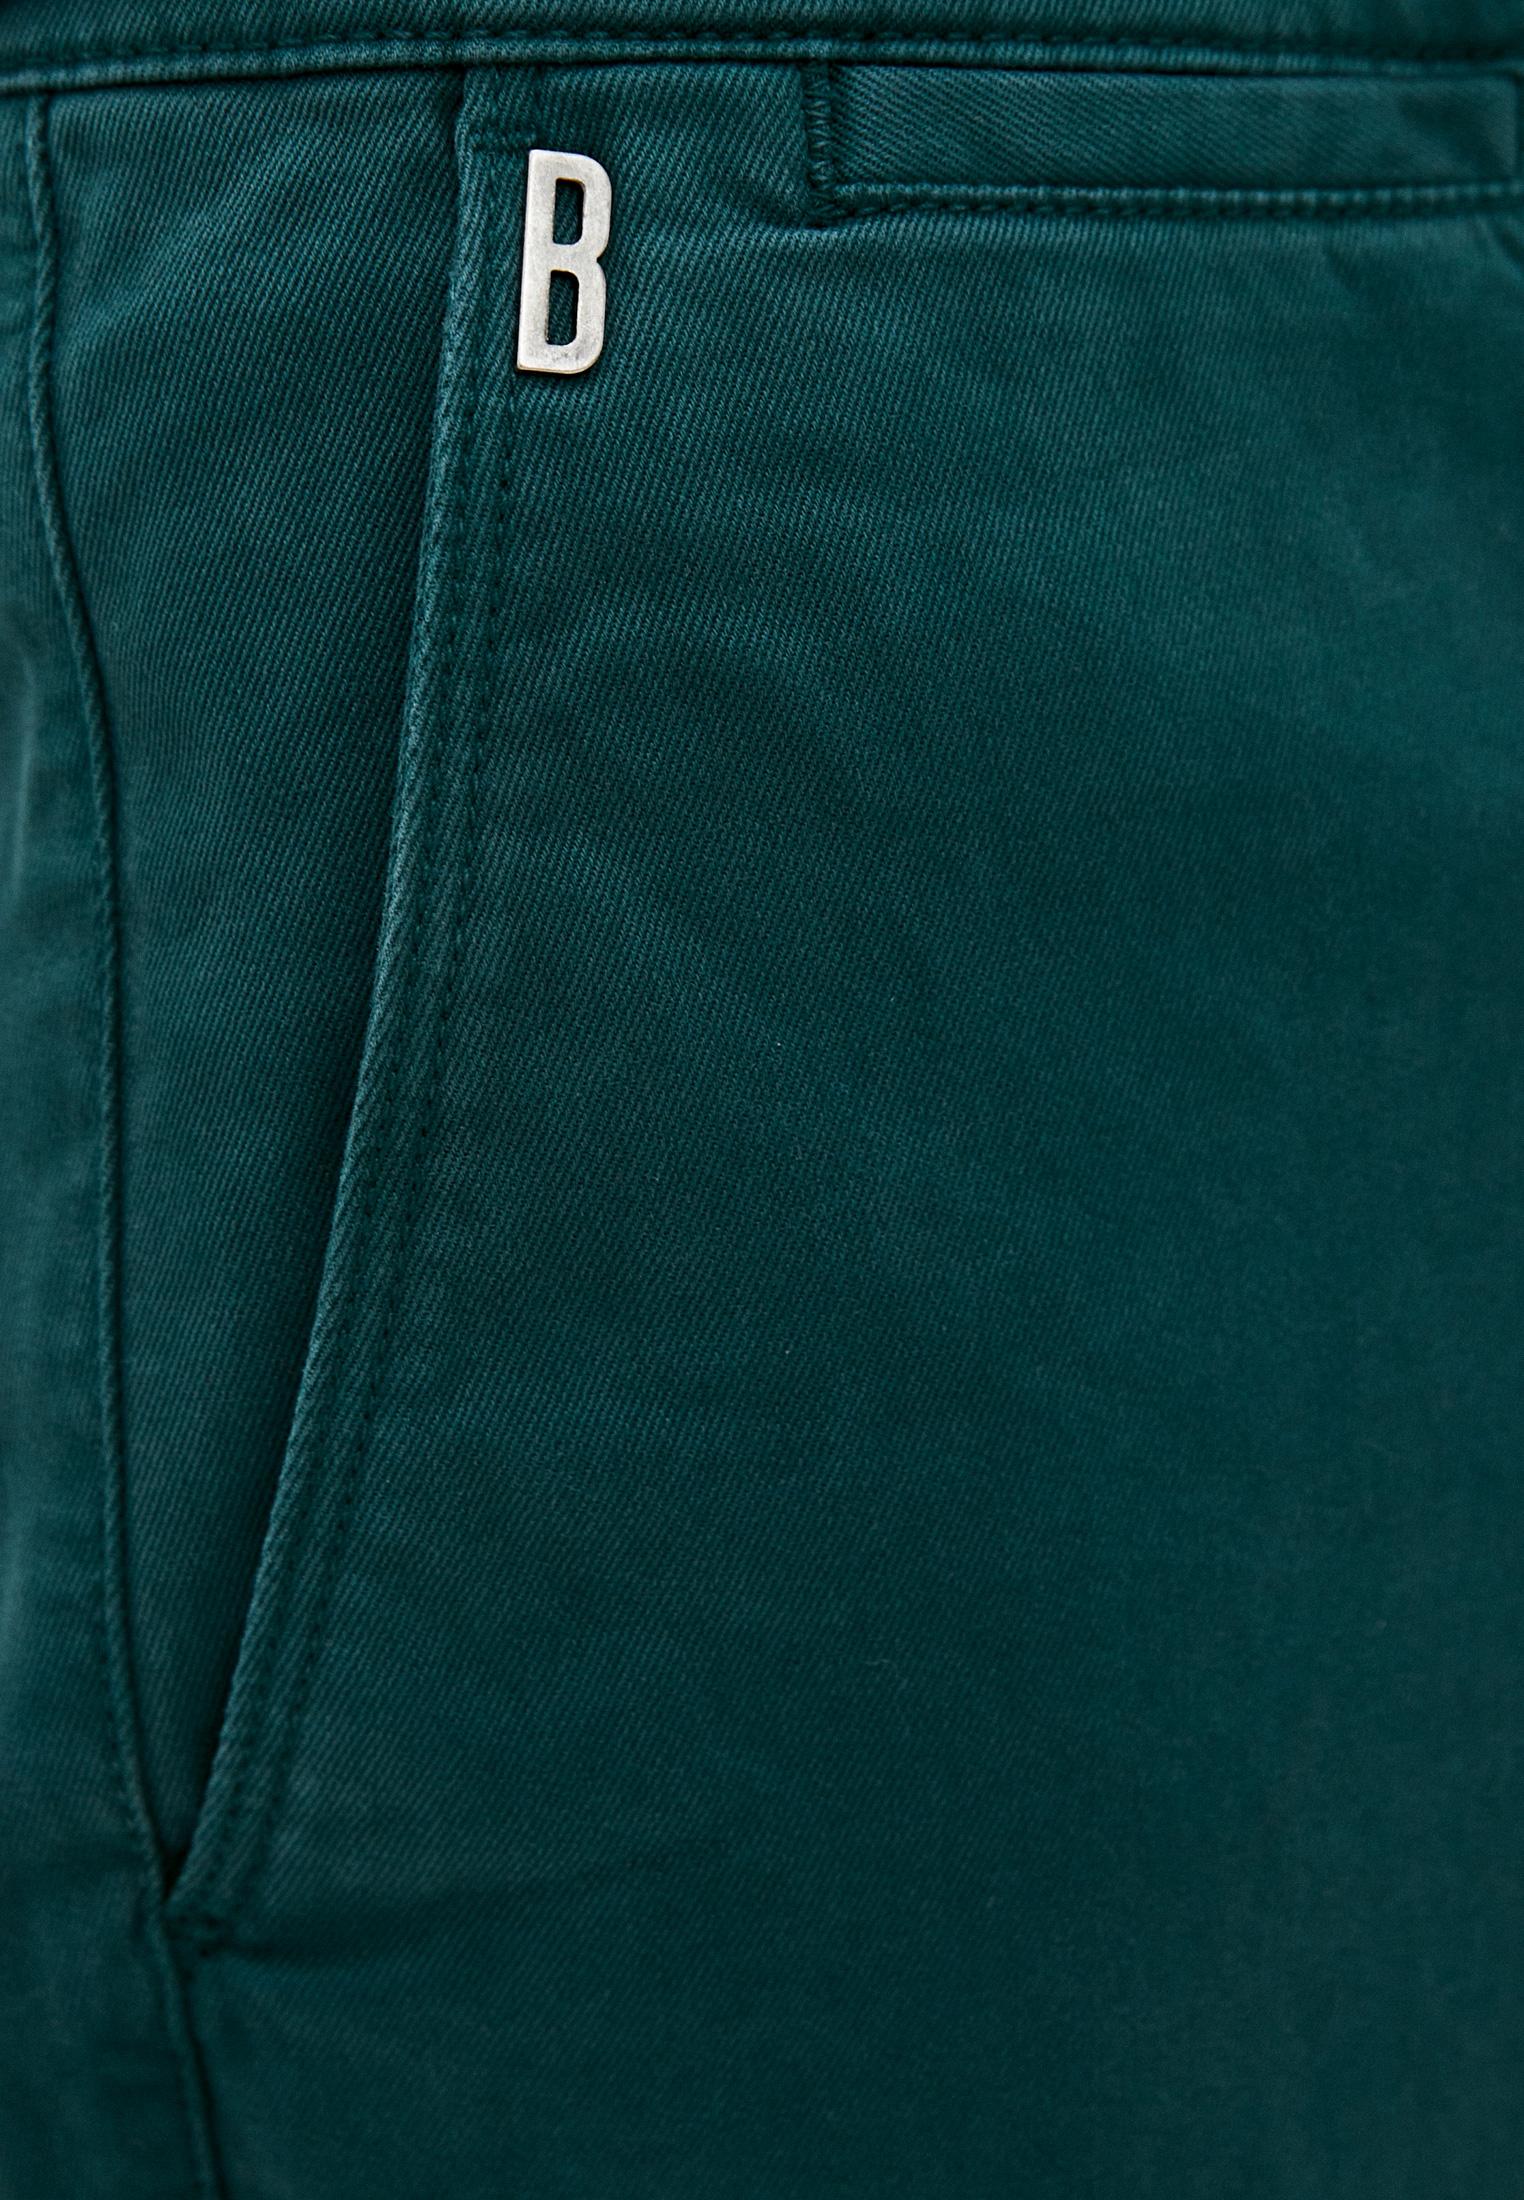 Мужские повседневные брюки Bikkembergs (Биккембергс) C P 001 00 S 2930: изображение 5